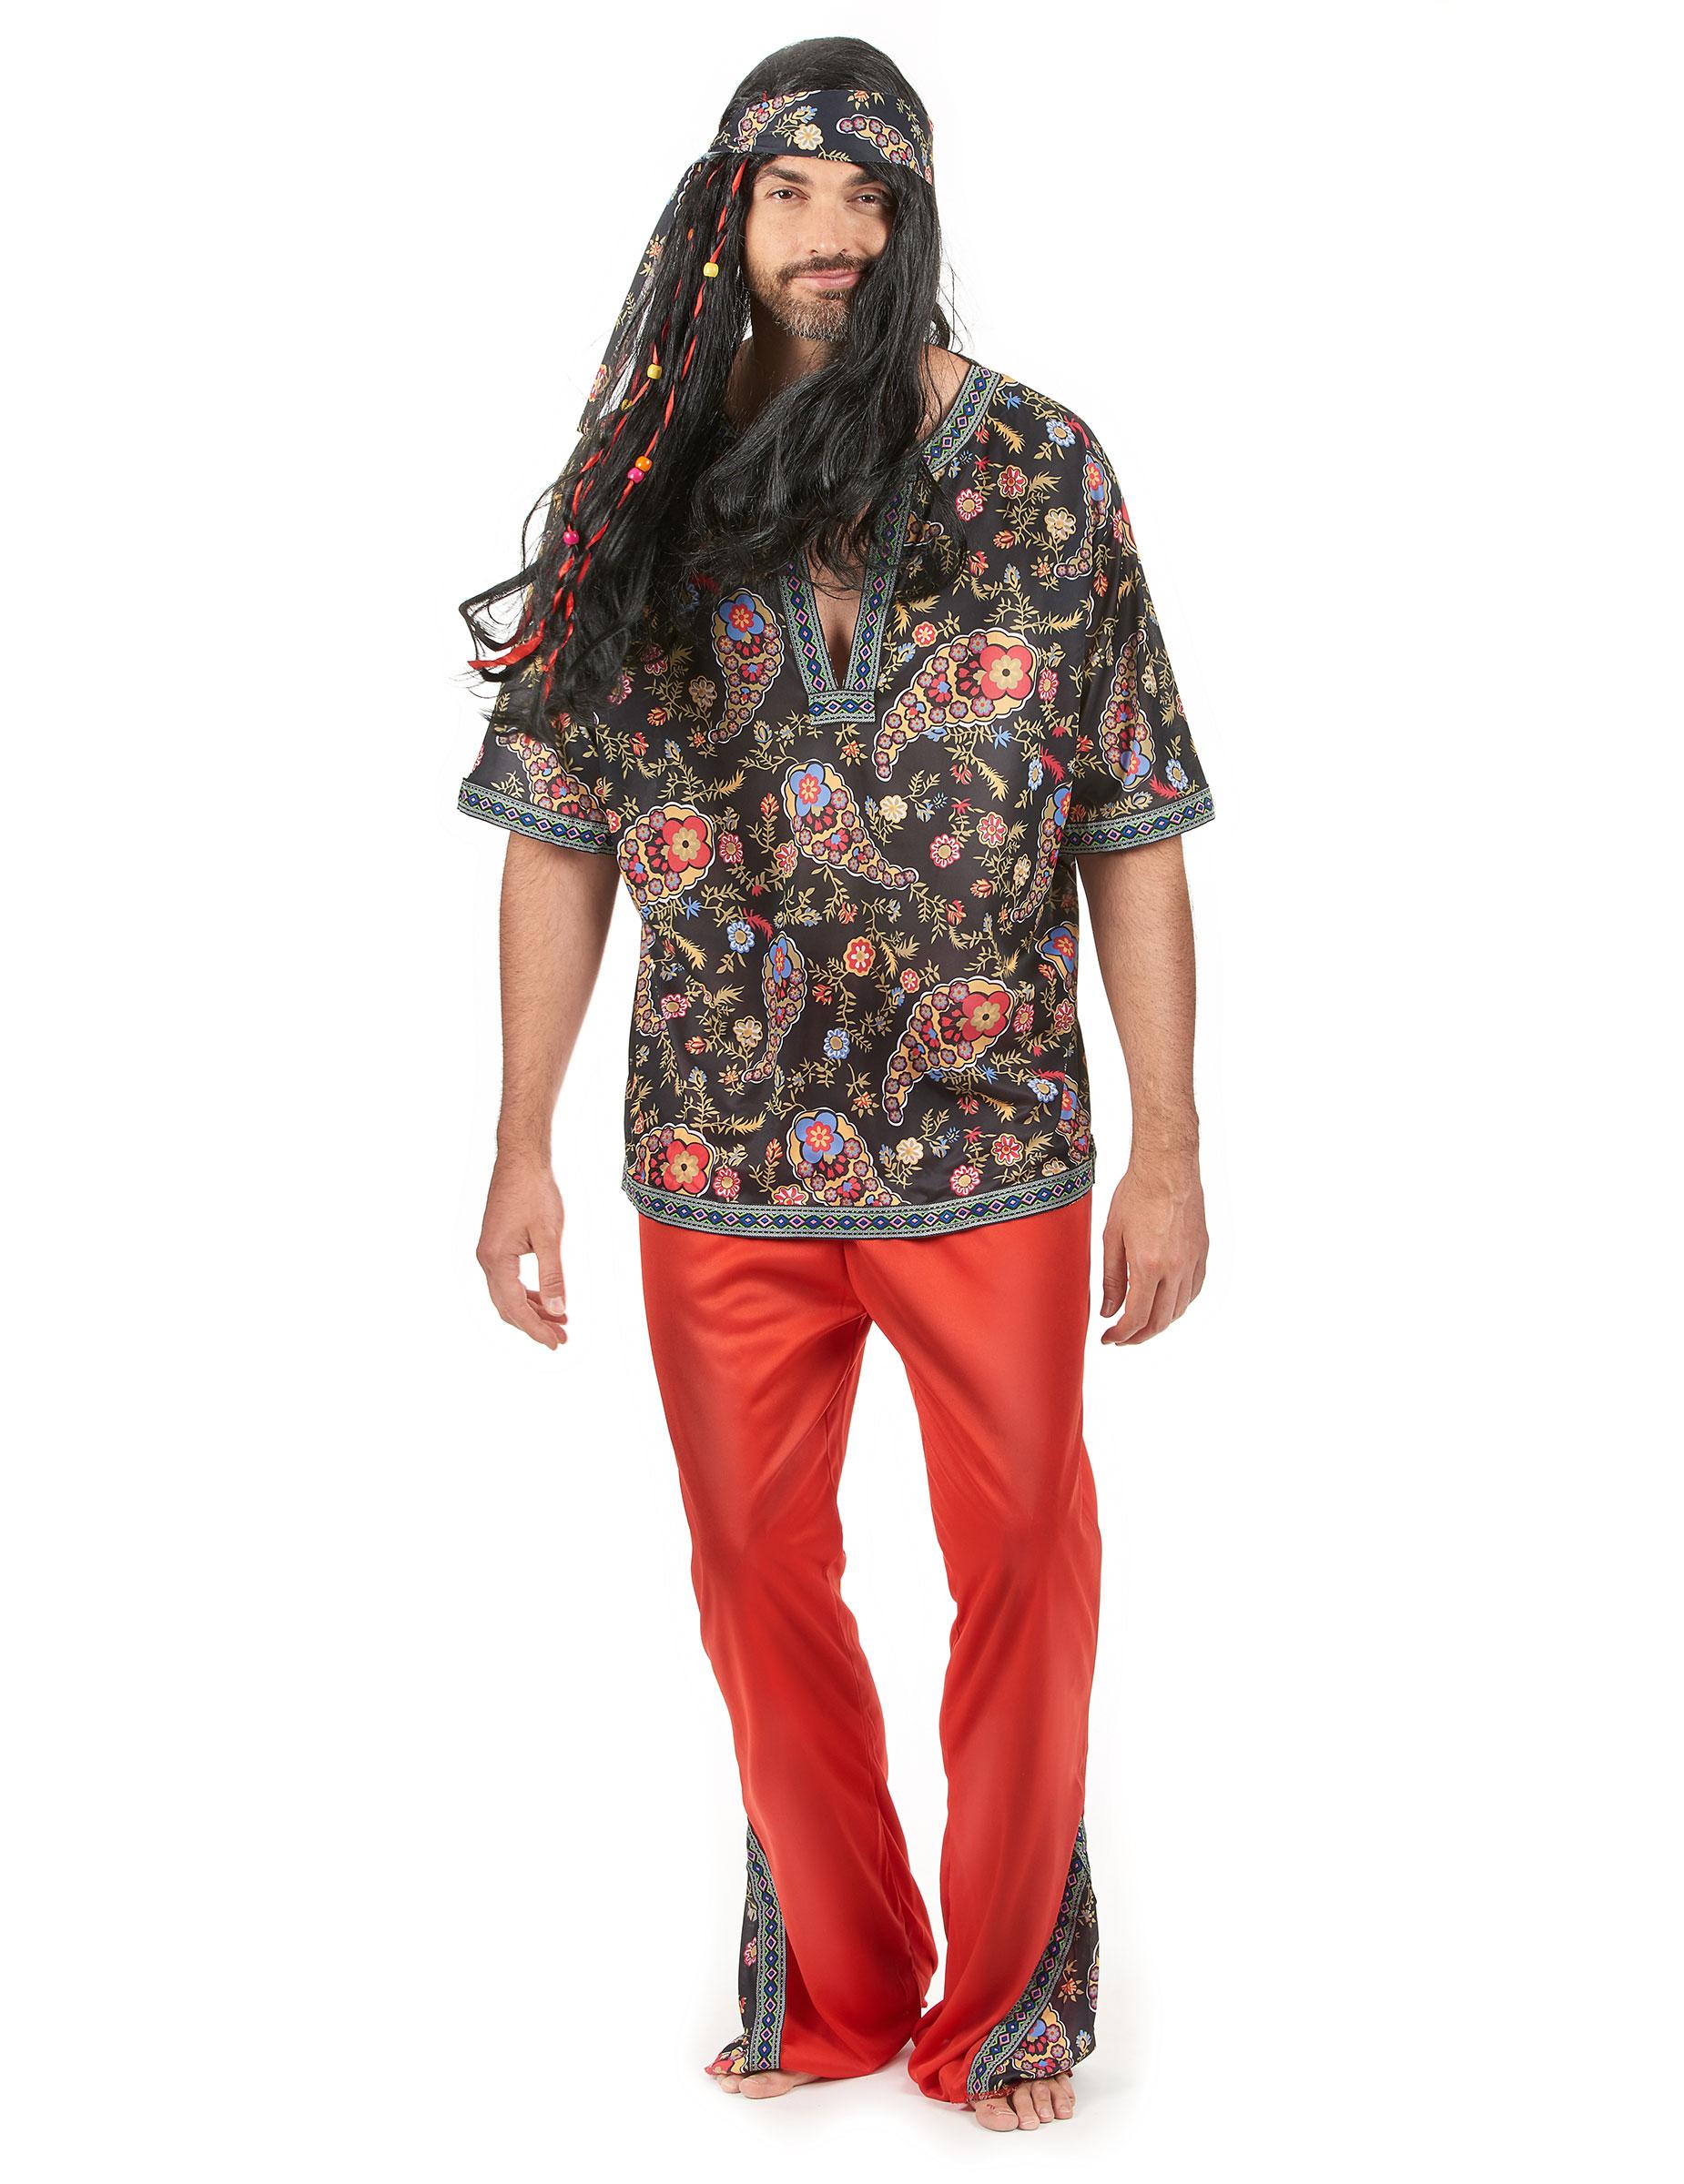 Costume Hippy fantastico per uomo 56cfa5338c7